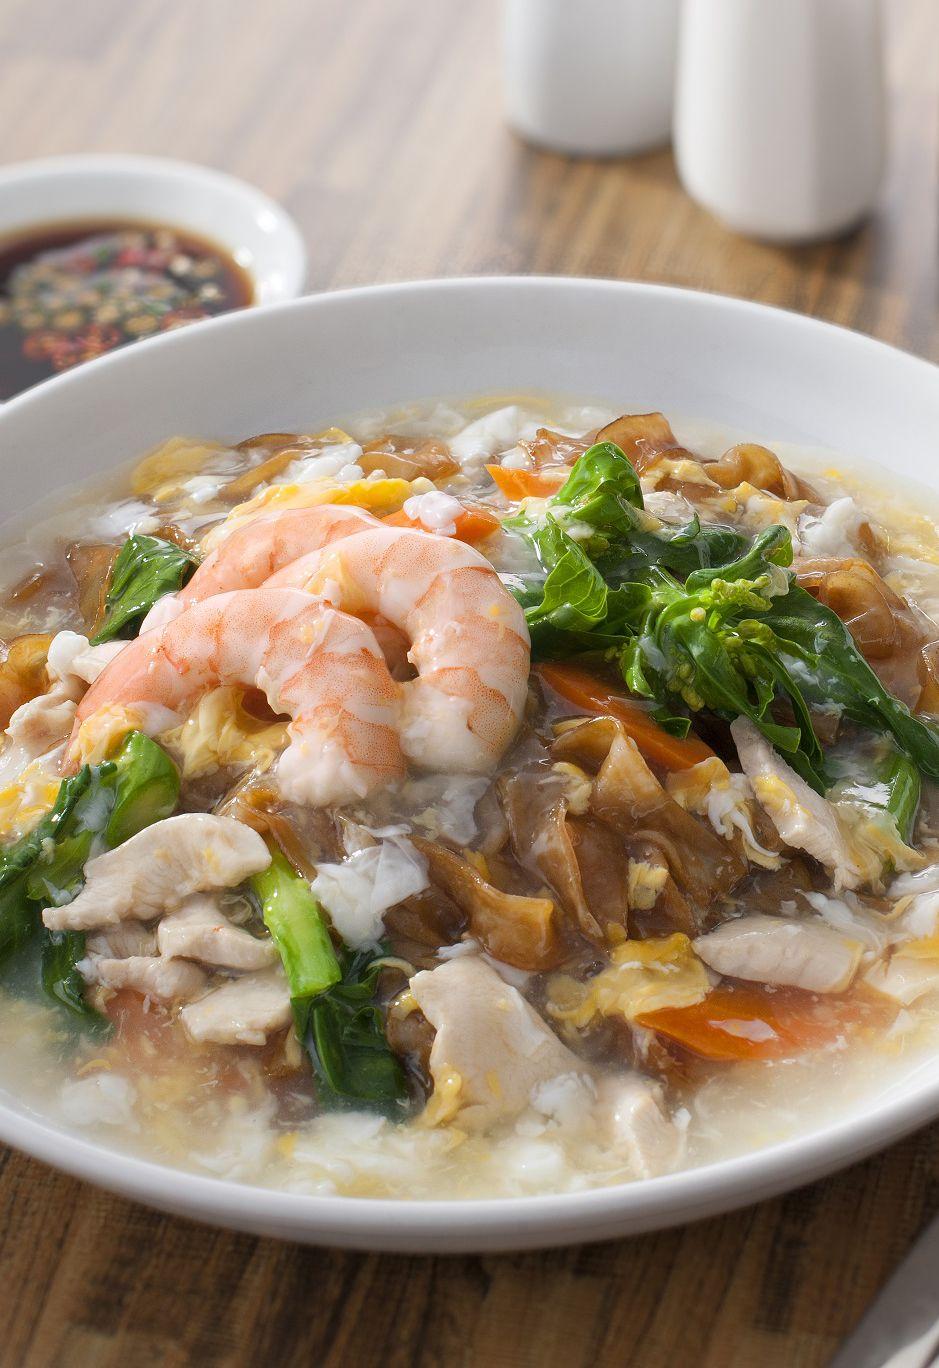 Ladna Flat Noodles Recipes Flat Noodles Recipe Asian Recipes